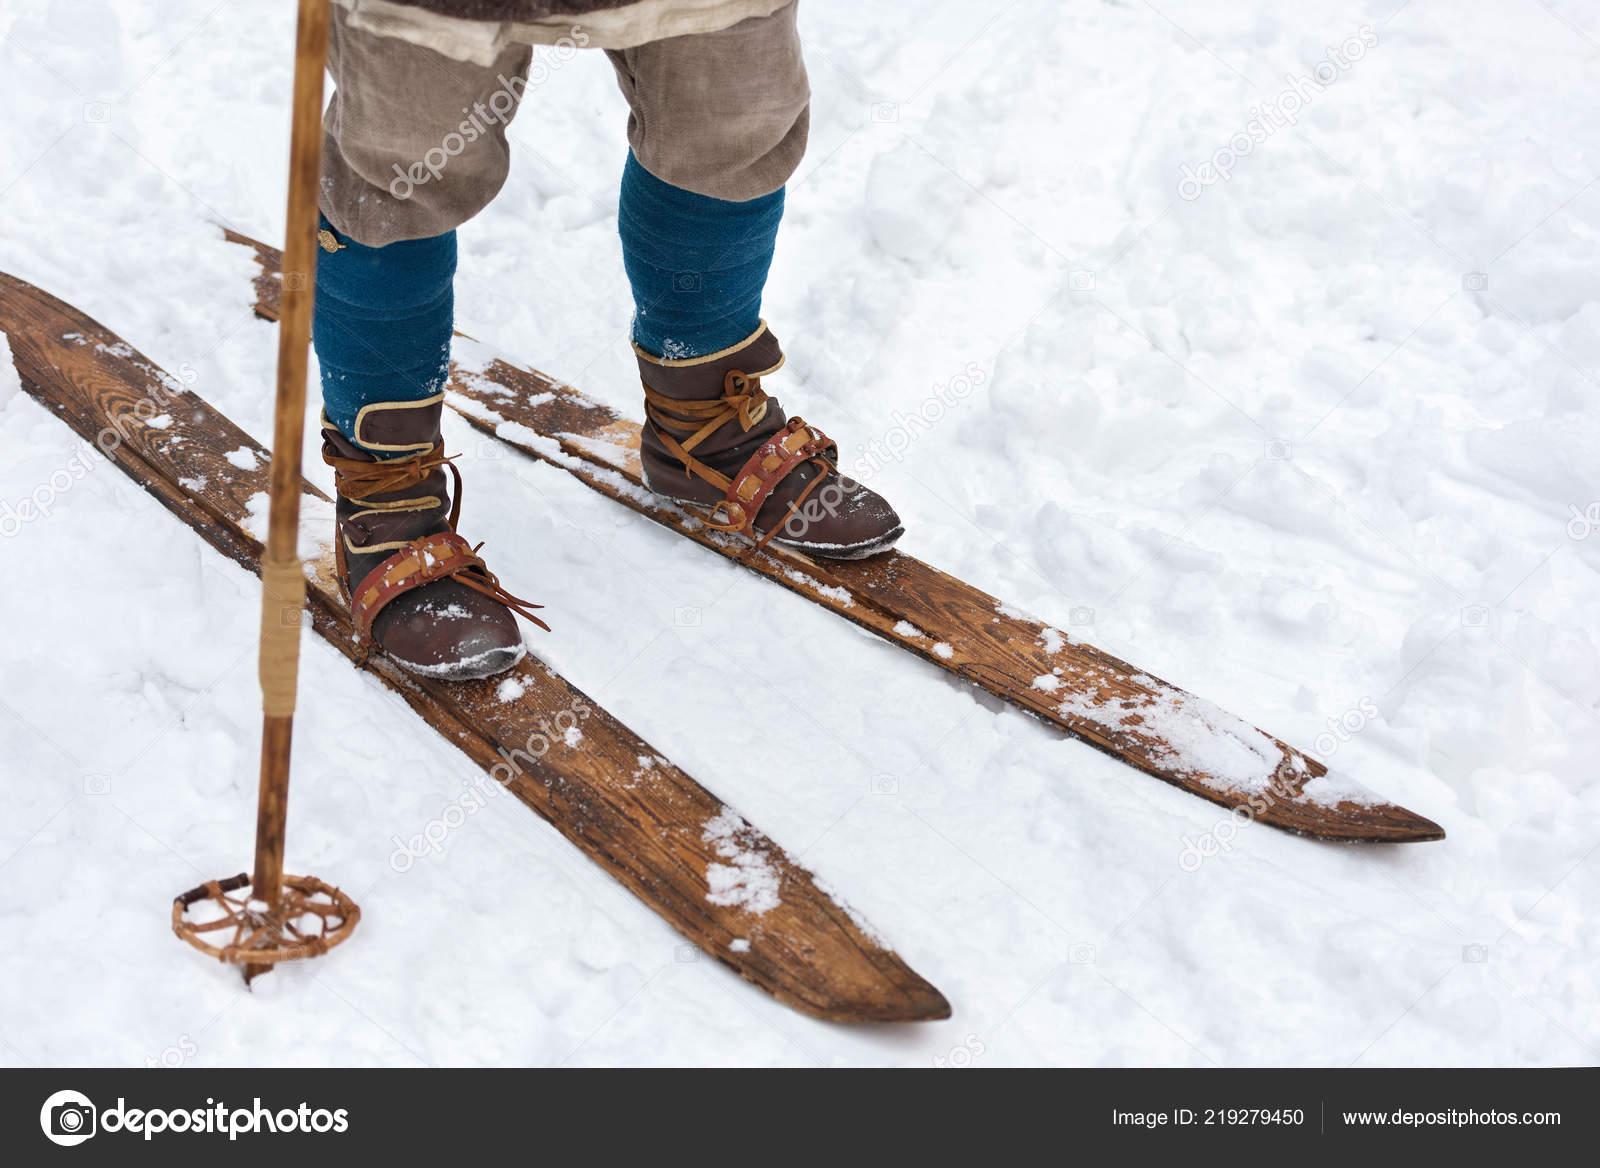 b0b17daff Masculino pés antigos esquiador e esquis vintage. Reconstrução histórica.  Botas de esqui de couro e esquis de madeira — Foto de ...